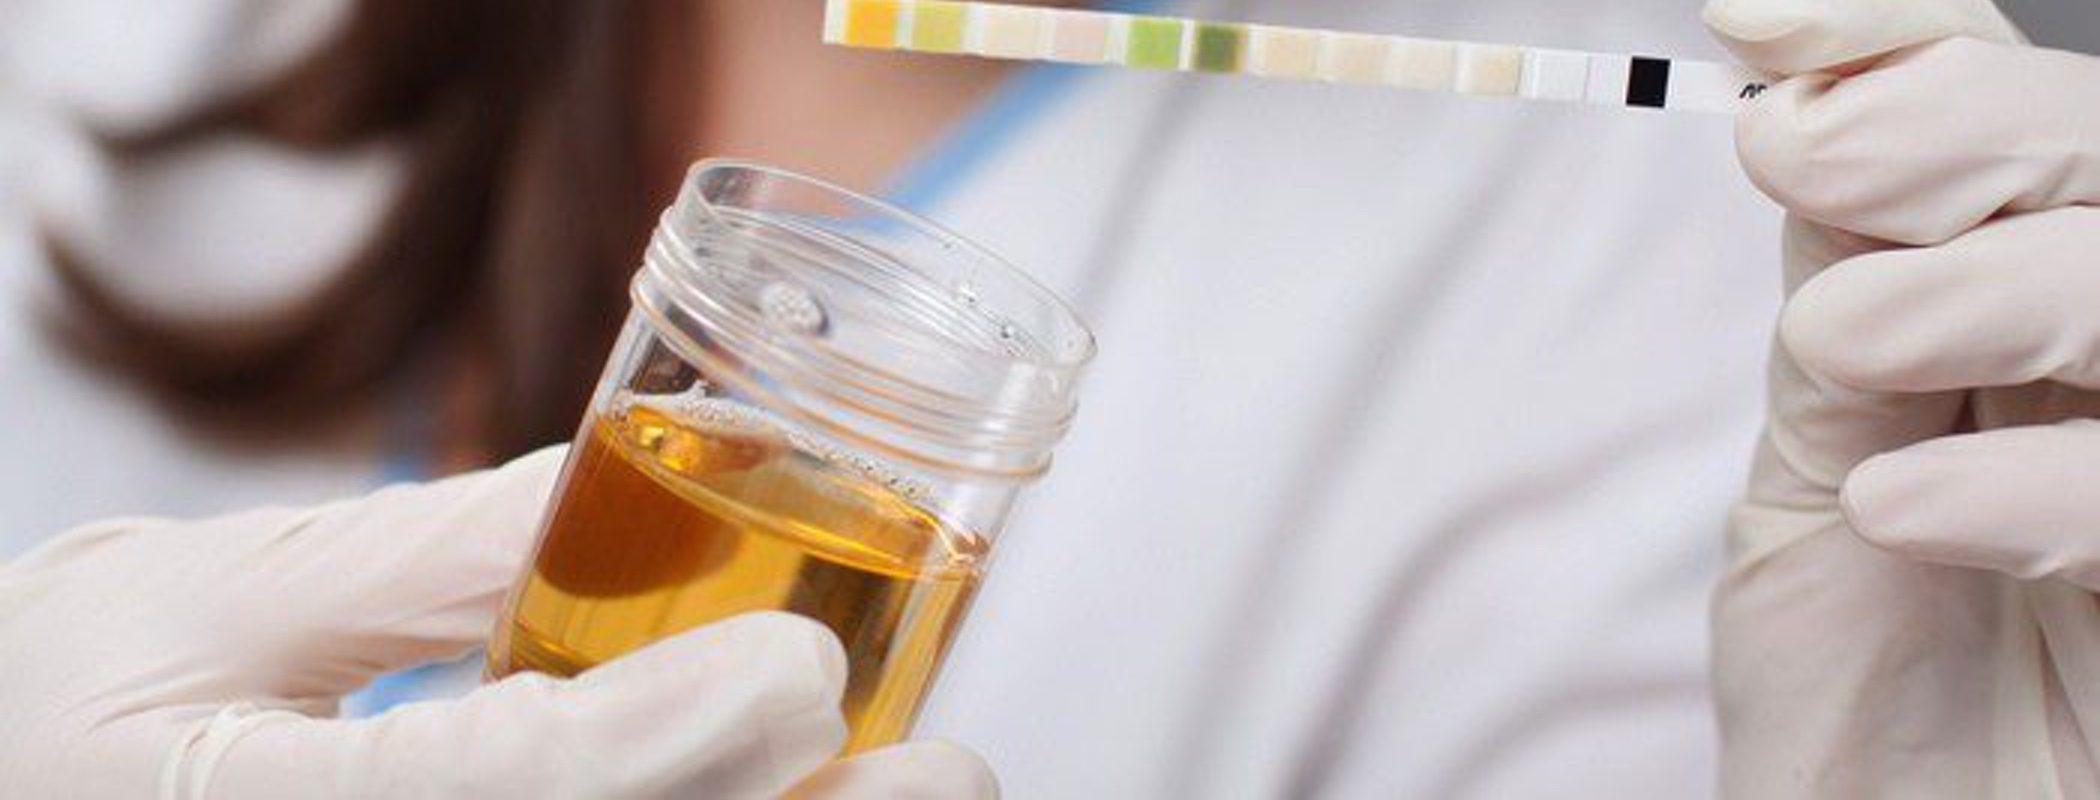 Gonorrea: diagnóstico y tratamiento